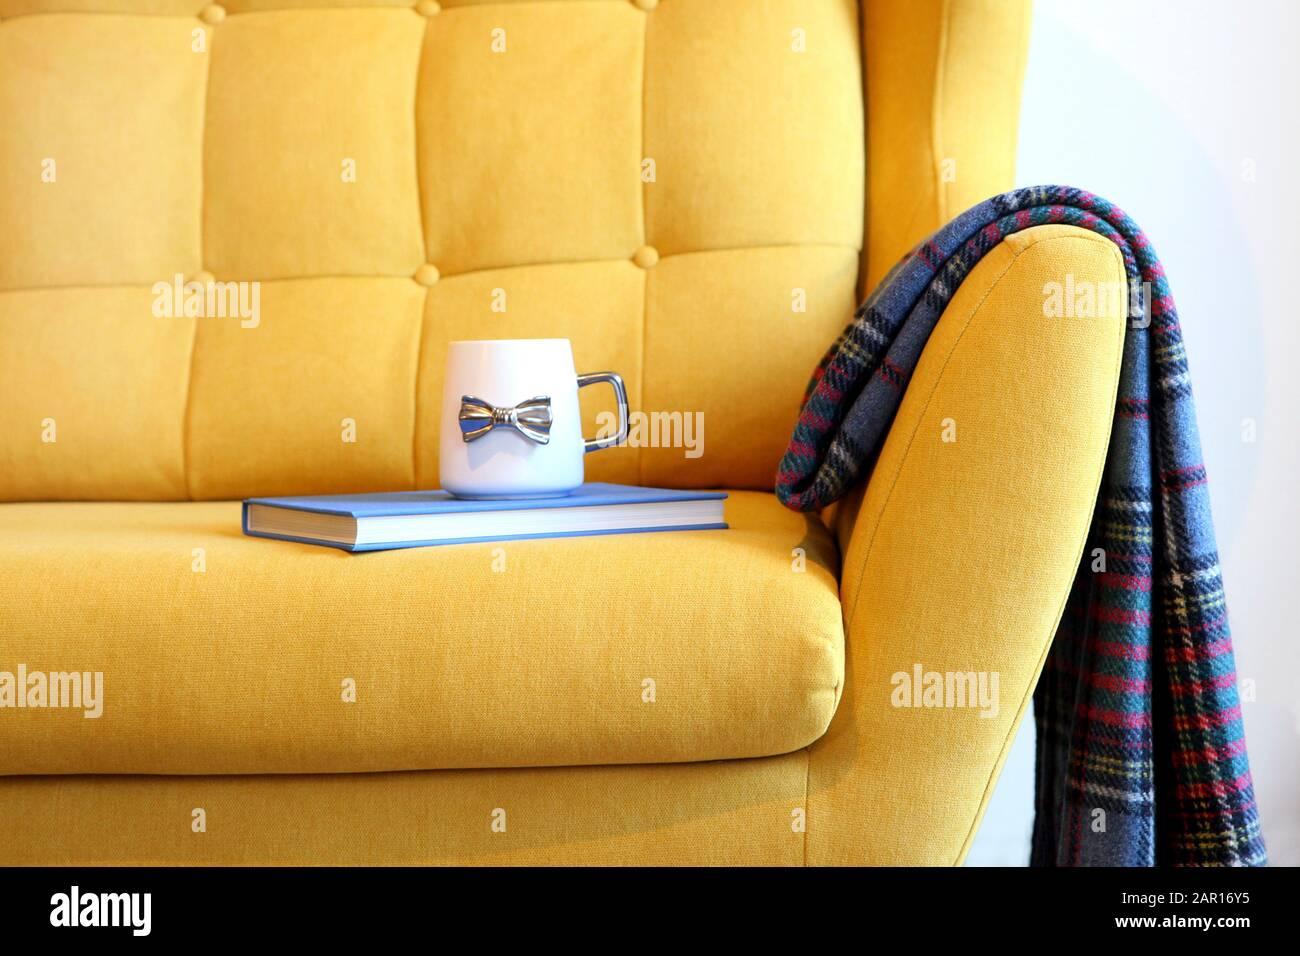 Tasse de thé et livre bleu sur l'autocar jaune avec couverture. Encore des détails de la vie dans la maison intérieure du salon. Intérieur confortable, concept de confort à la maison Banque D'Images